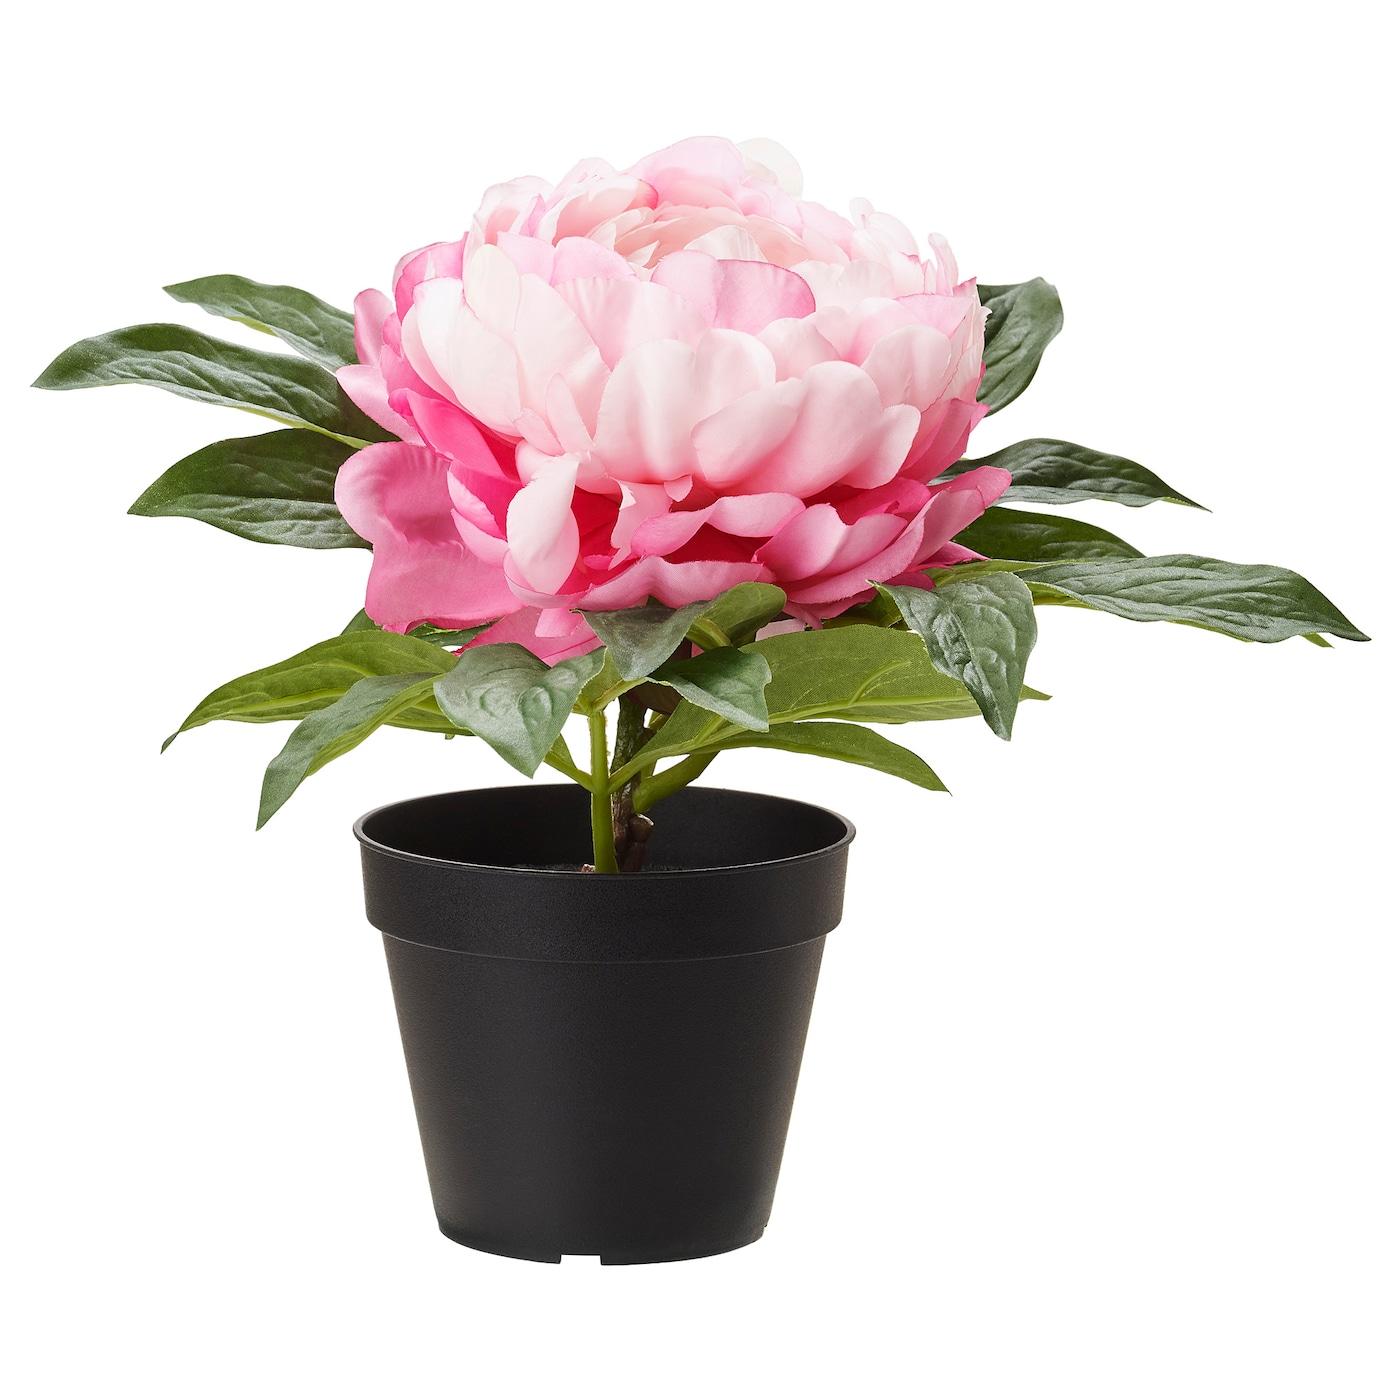 Fejka plante artificielle en pot pivoine rose 12 cm ikea for Plante artificielle ikea pas cher